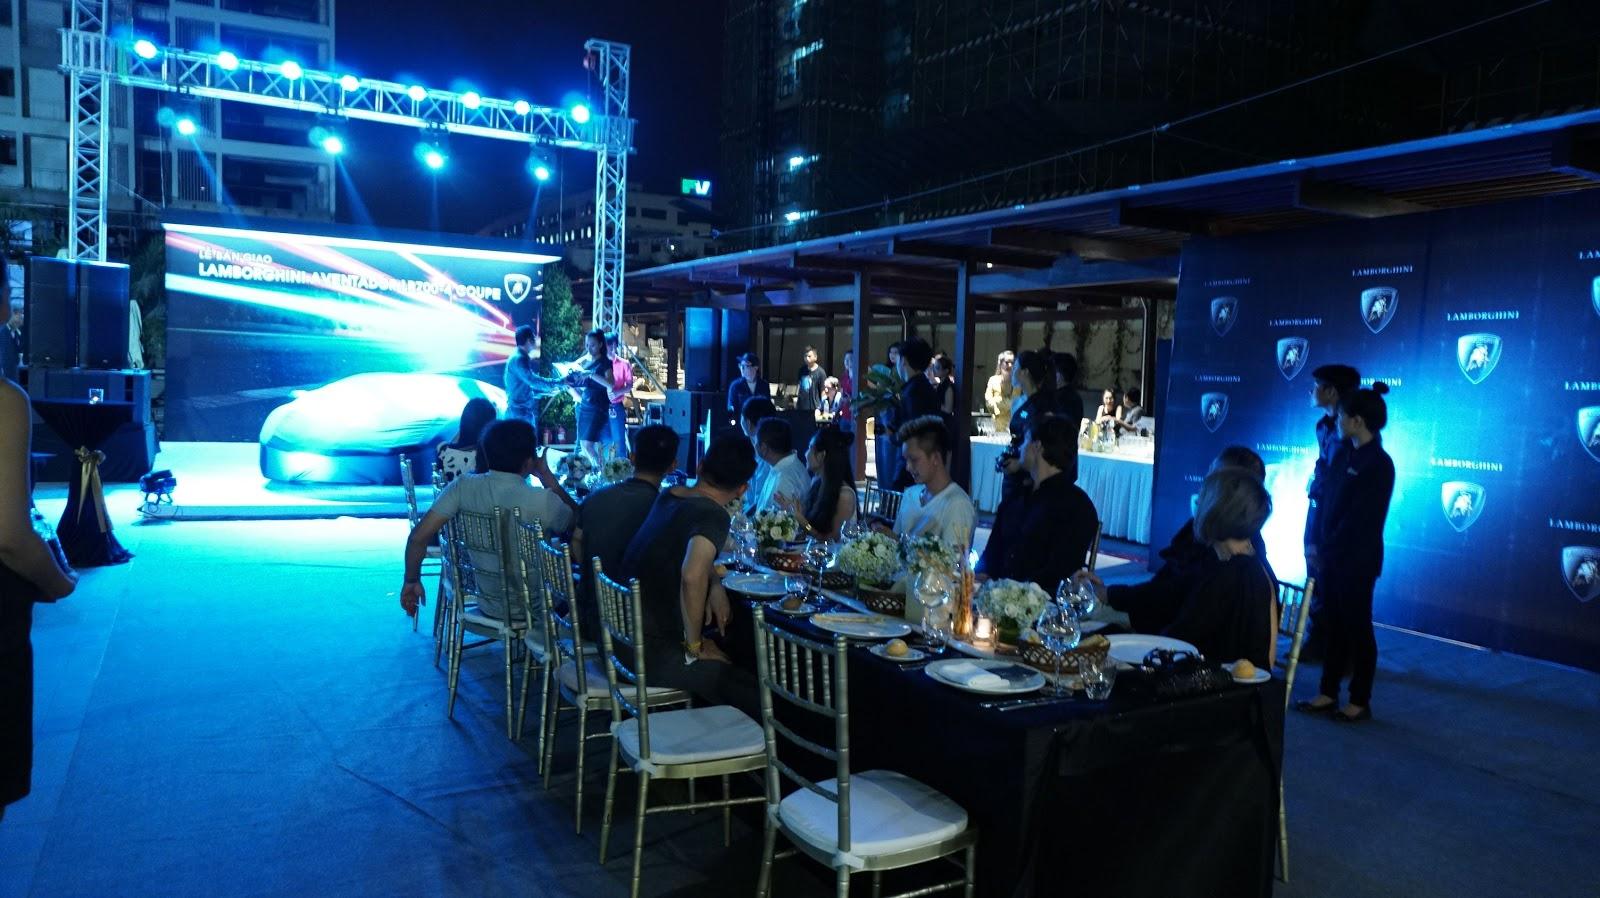 Một buổi bàn giao xe ấm cúng, sang trọng của Lamborghini Việt Nam dành cho khách hàng